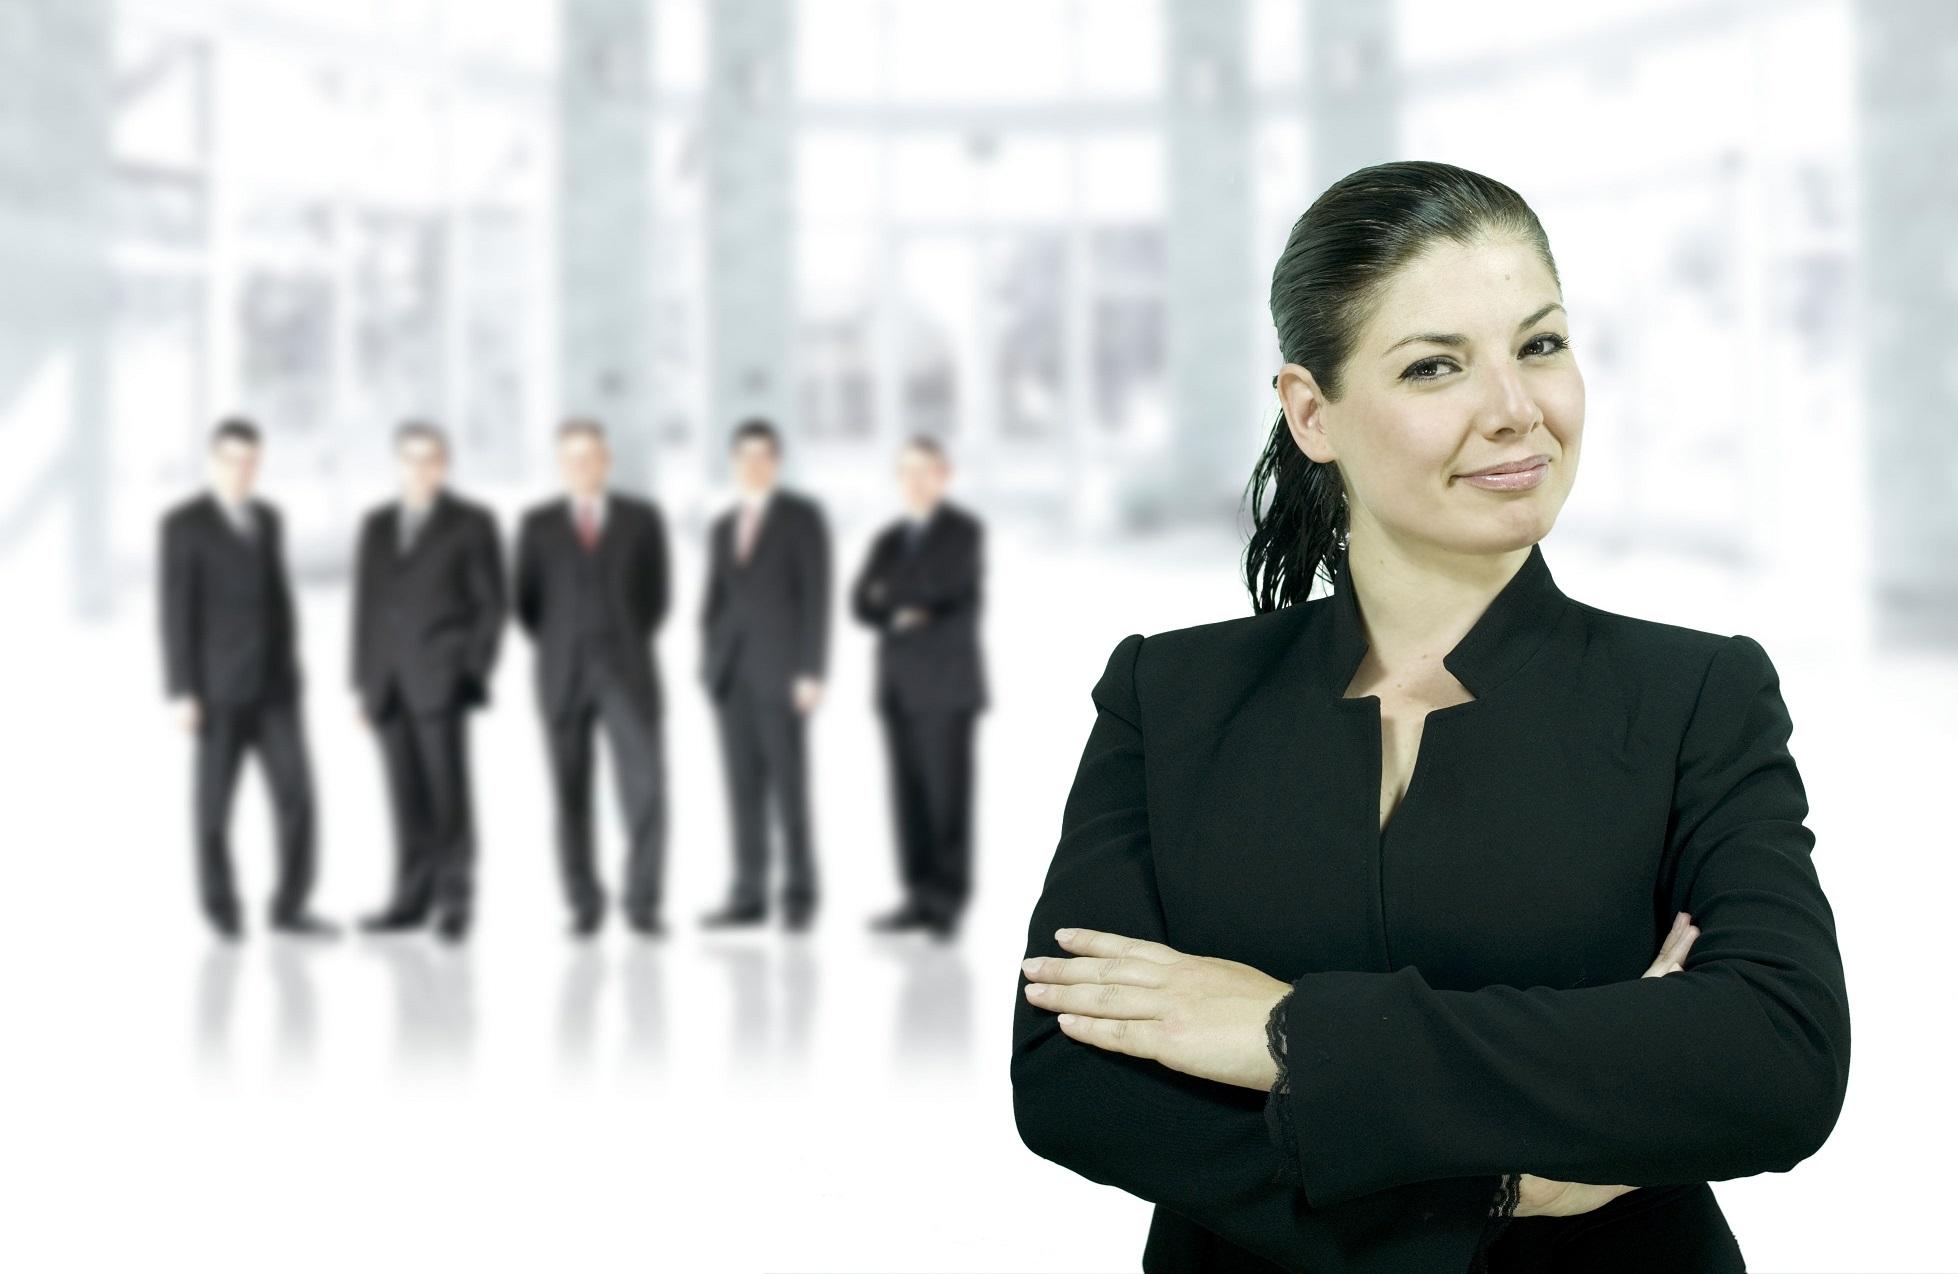 Kỹ năng lãnh đạo và quản lý doanh nghiệp hiện đại